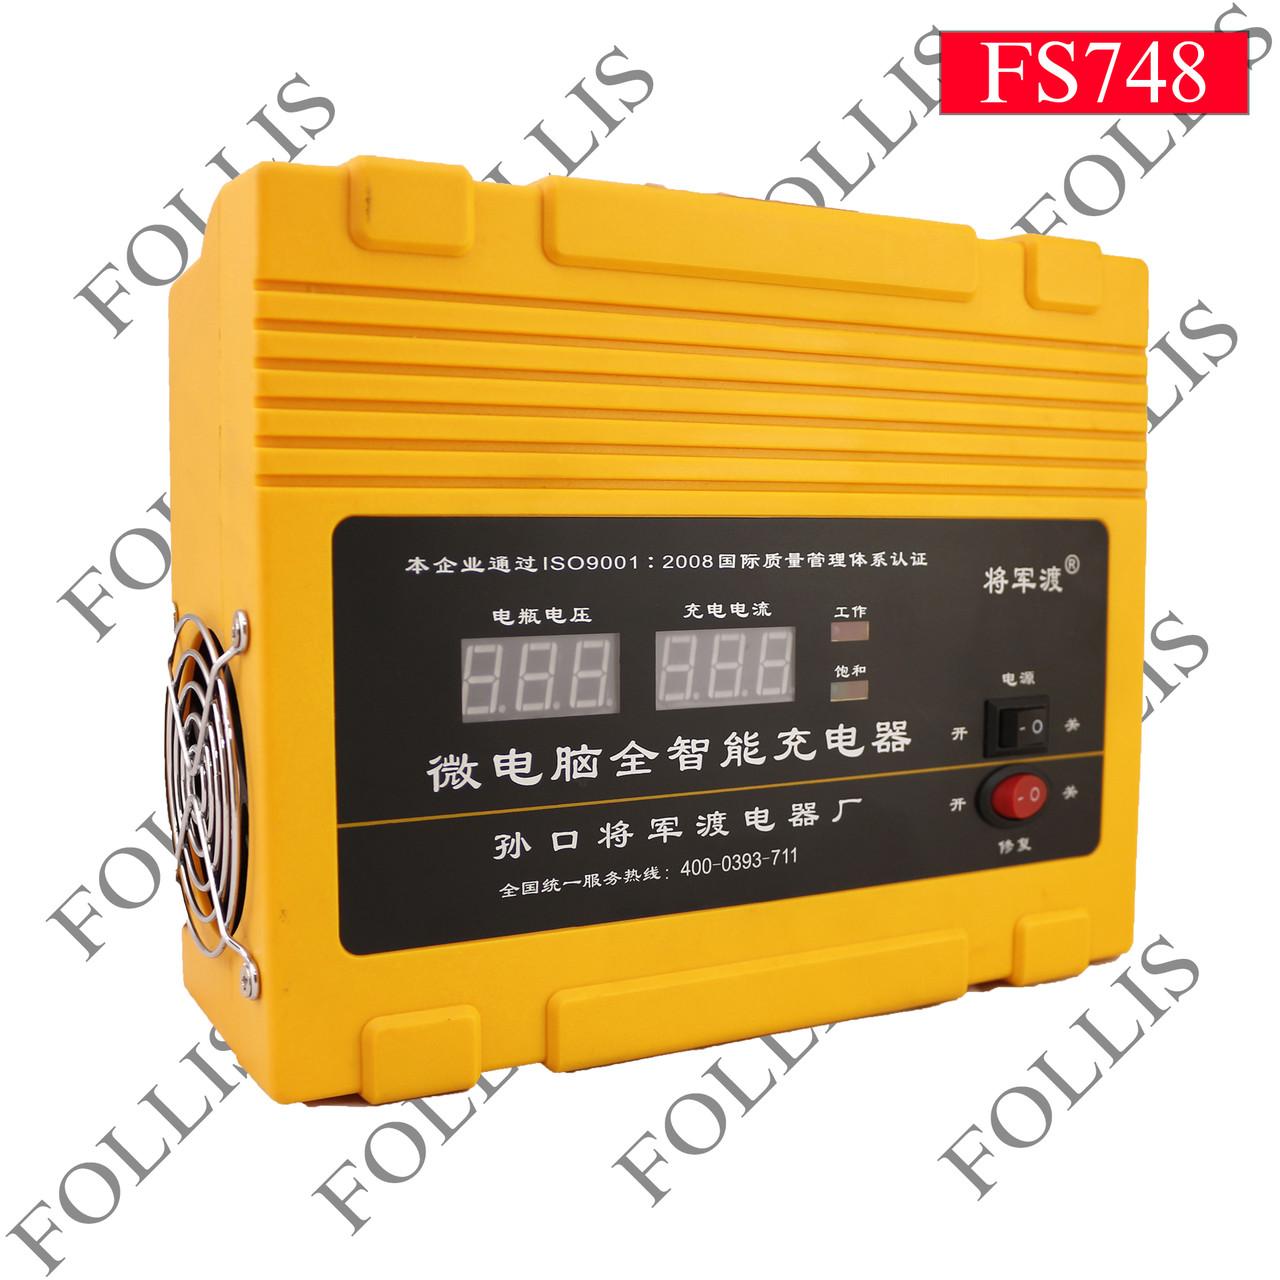 Зарядный устройства желтый большой